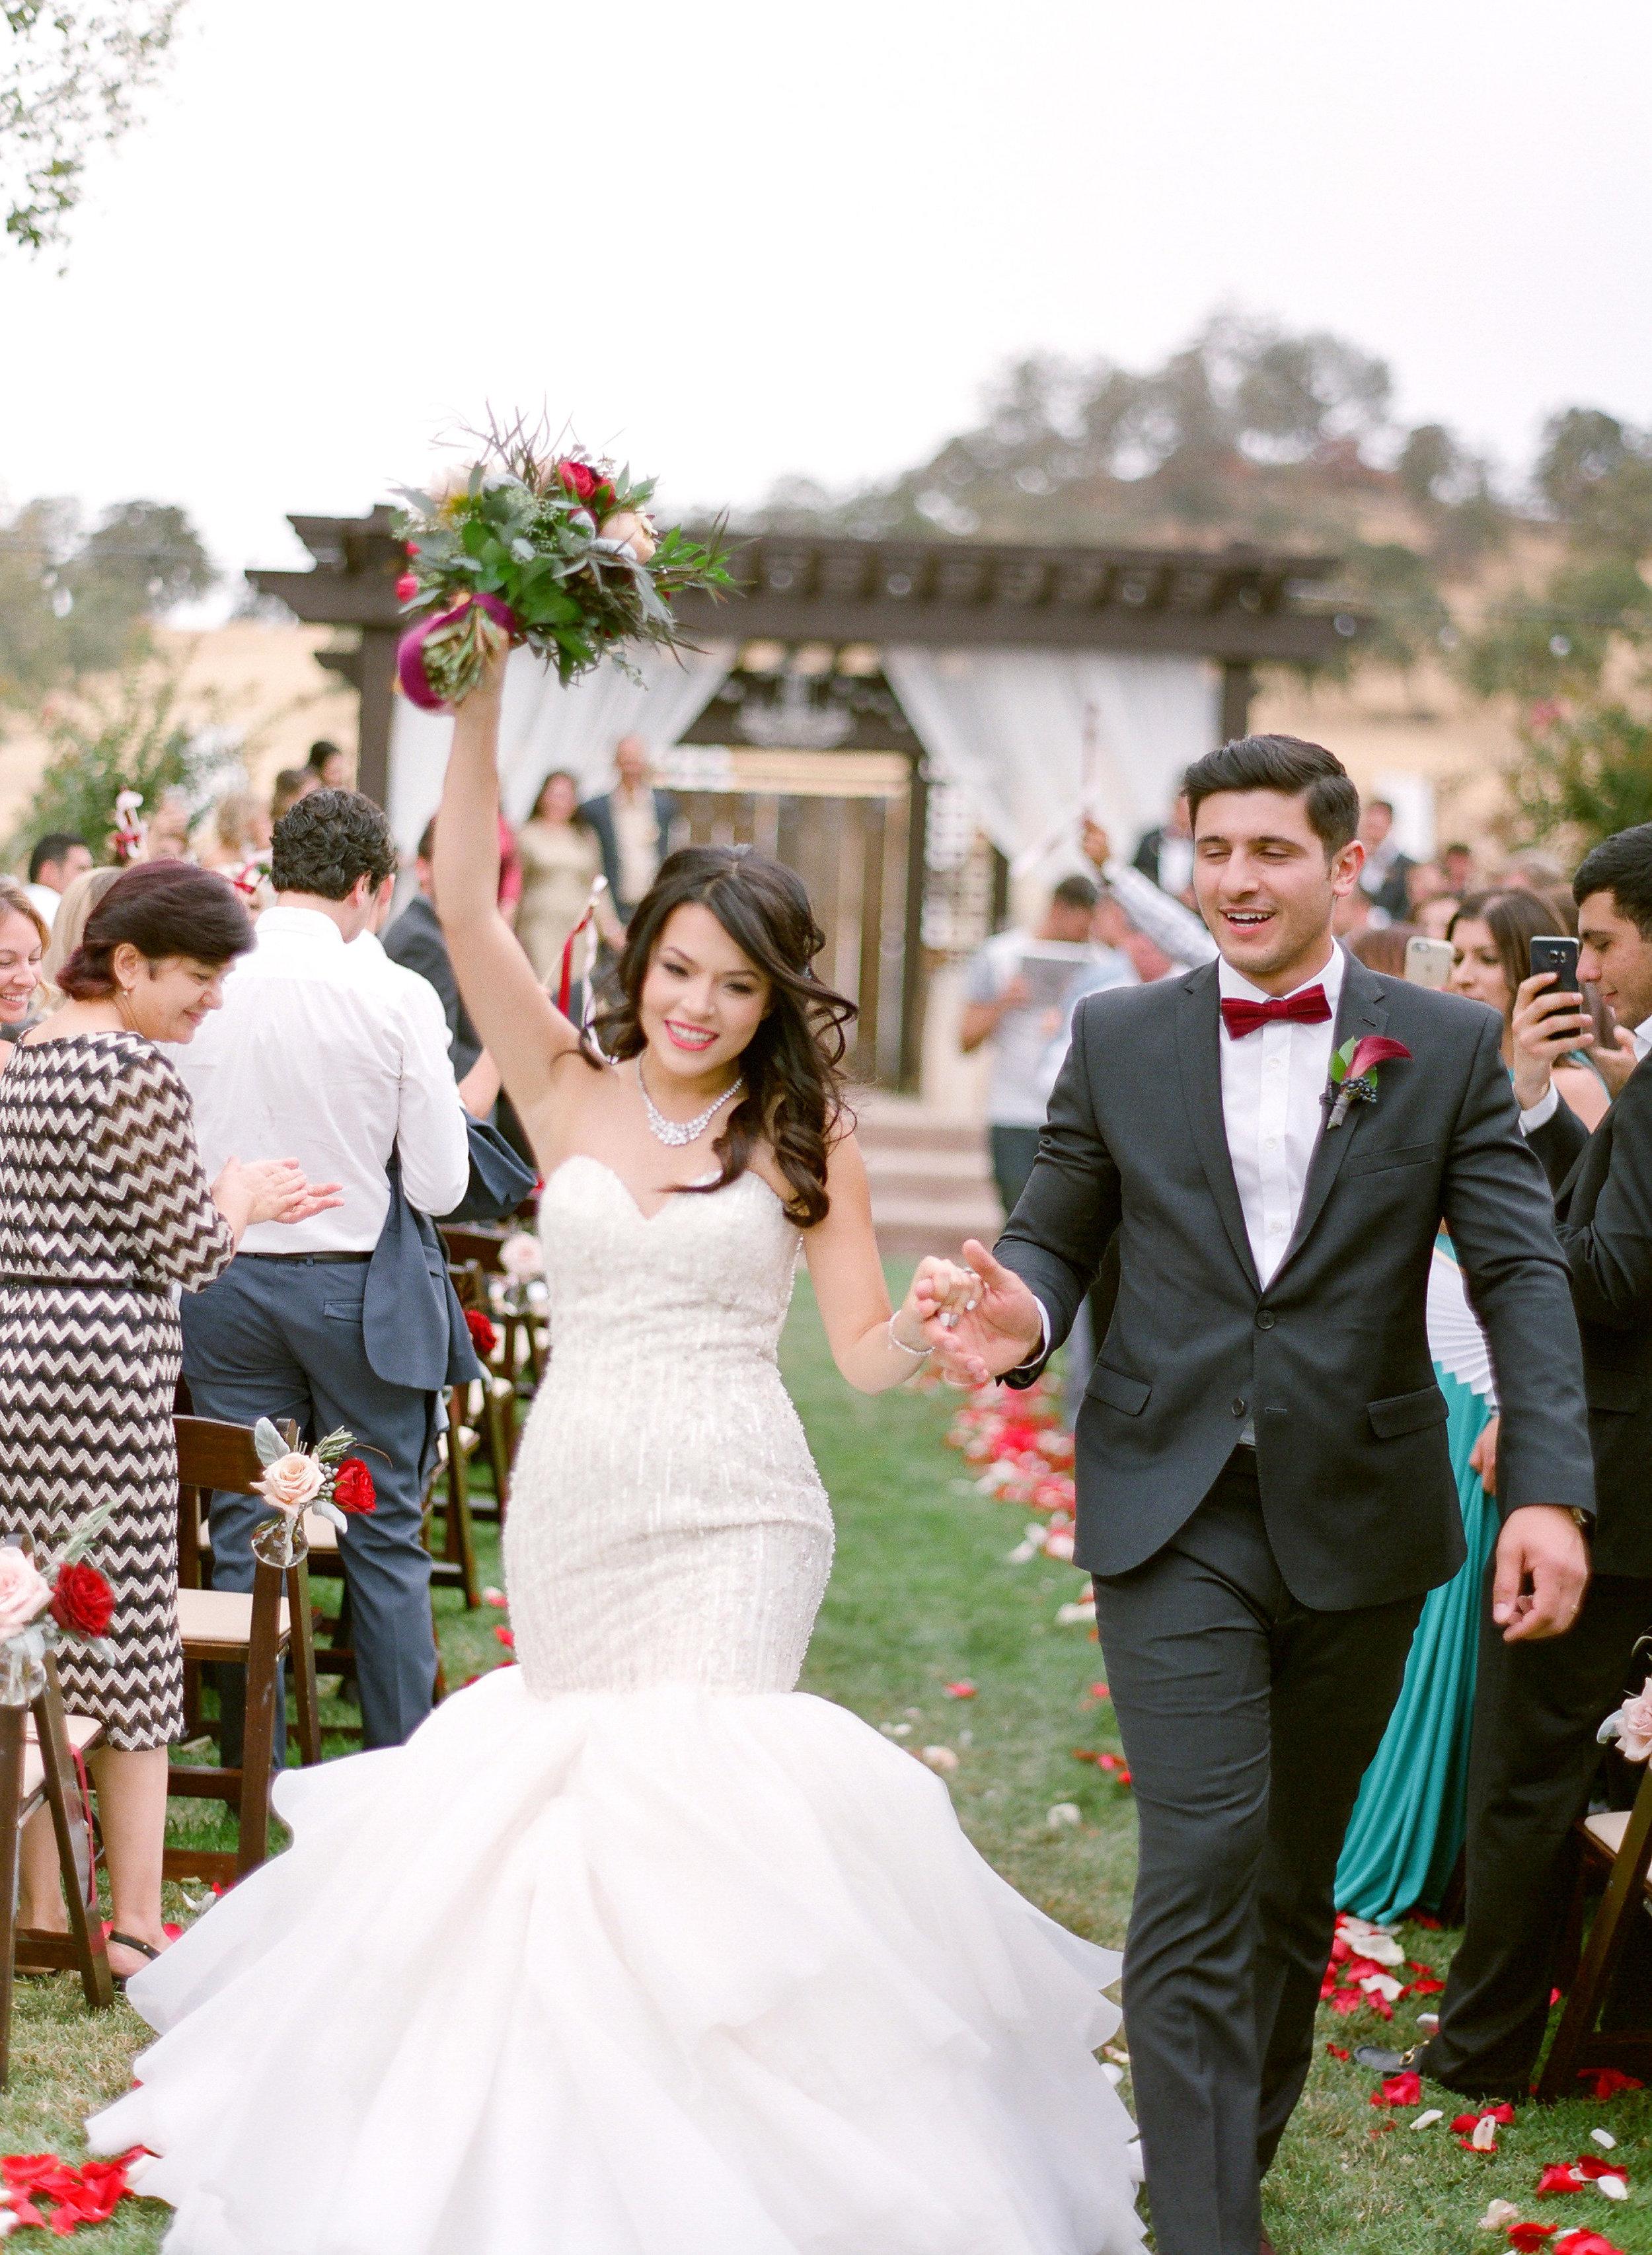 Amador_County_Wedding_Bride_Groom_Bouquet_Aisle_Rancho_Victoria_Vineyard_Northern_California.jpg